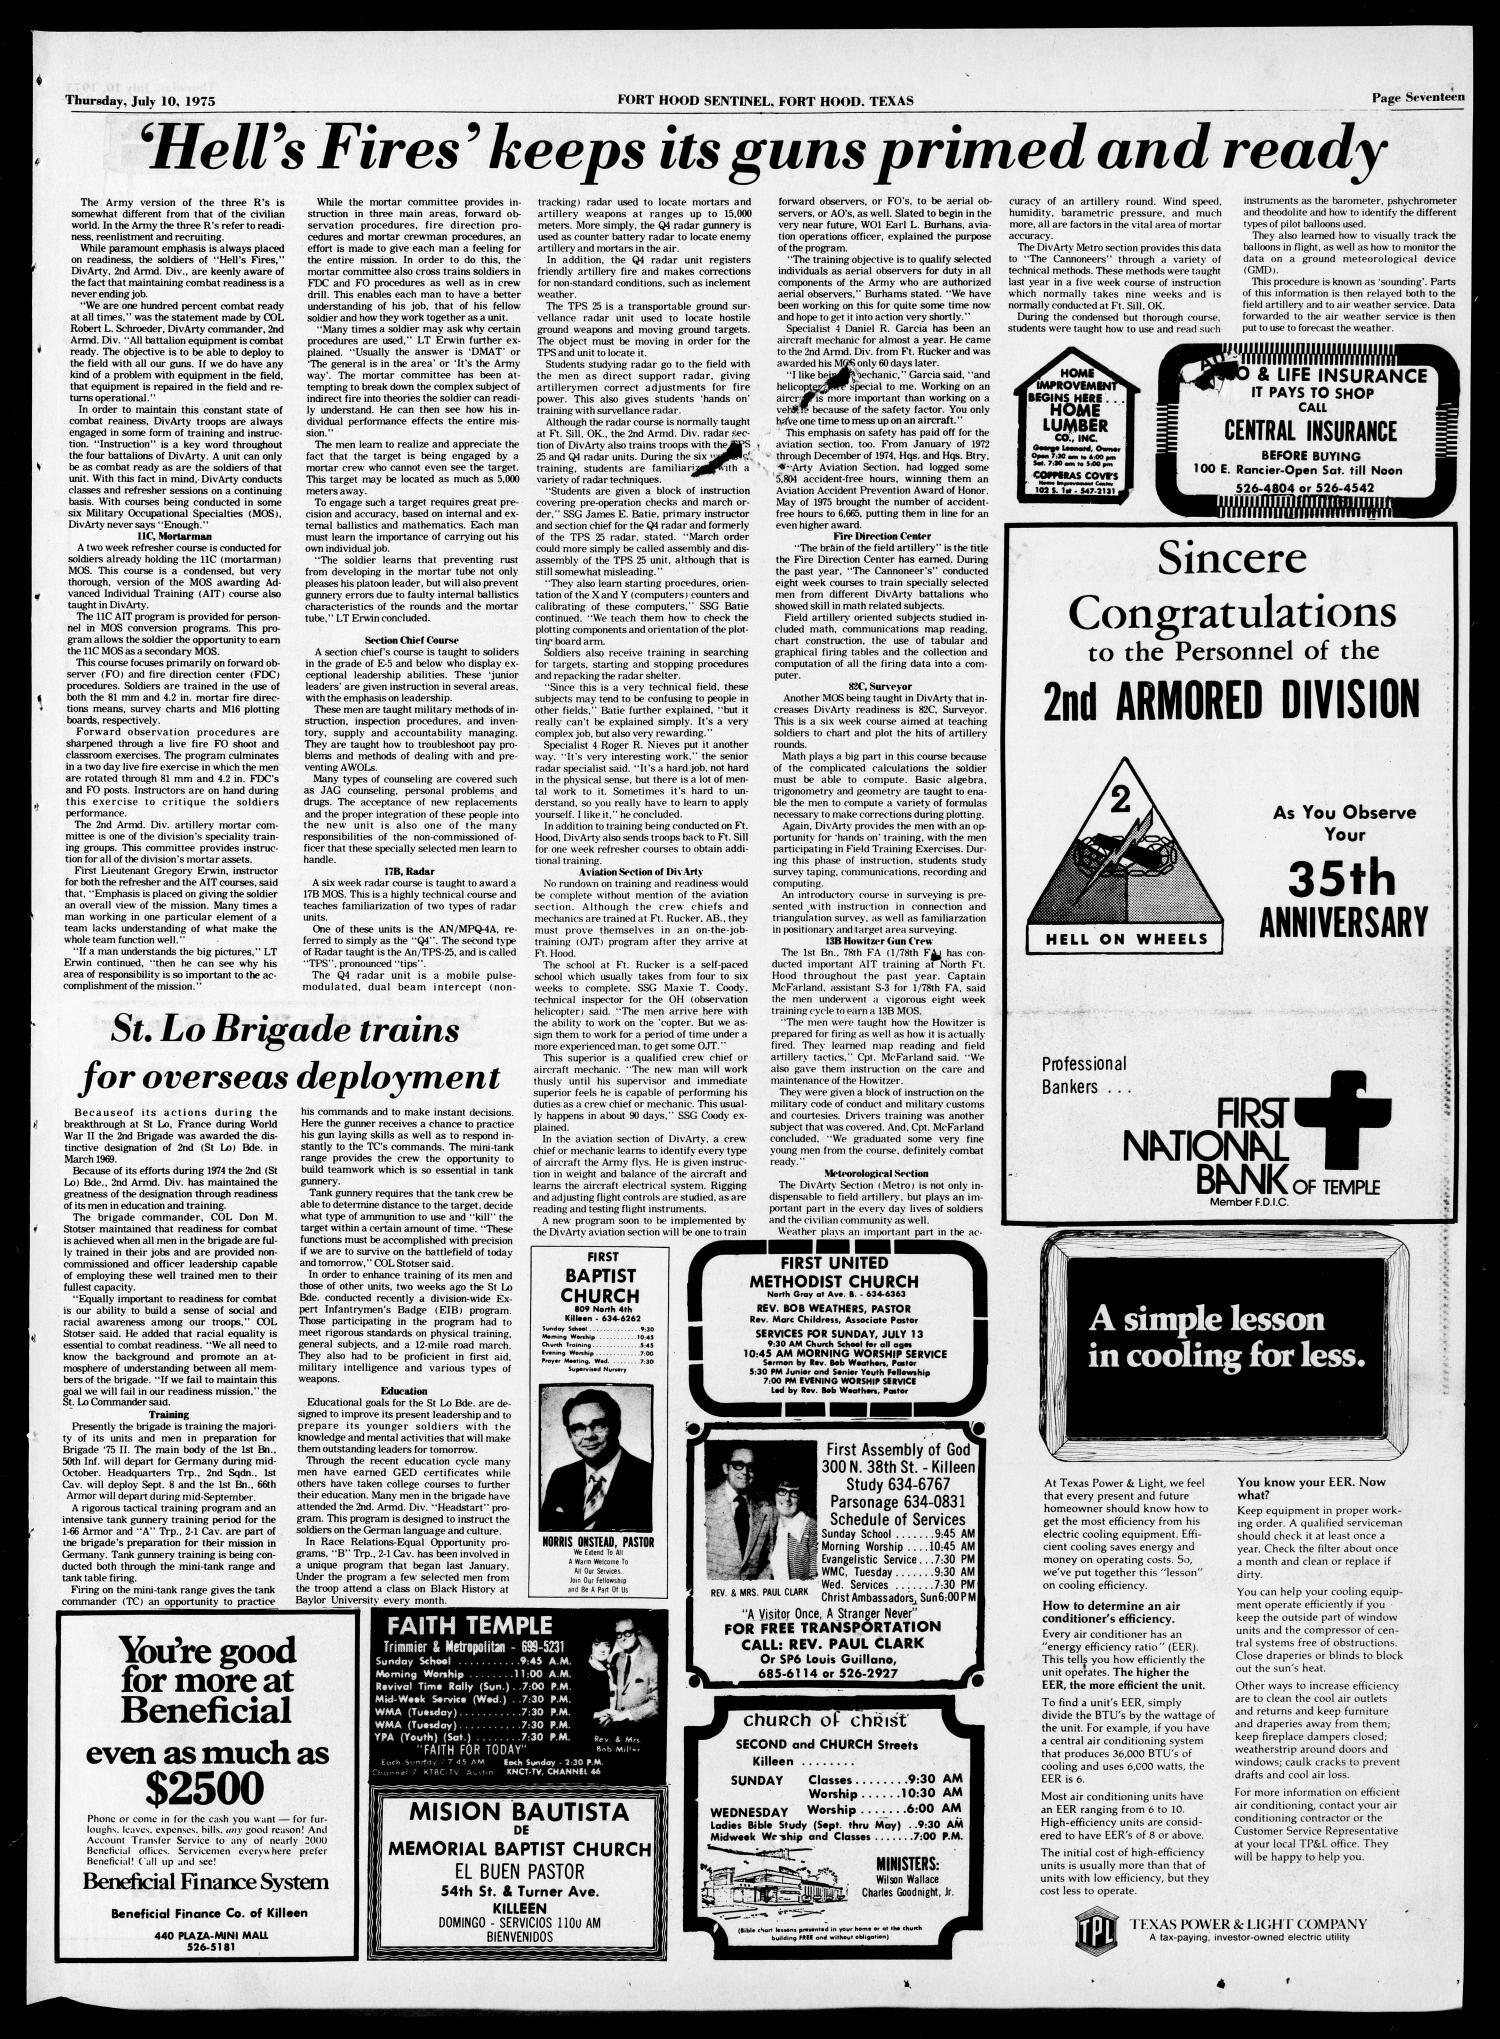 FT. HOOD SENTINEL_10 JUL 1975_PG 17.jpg